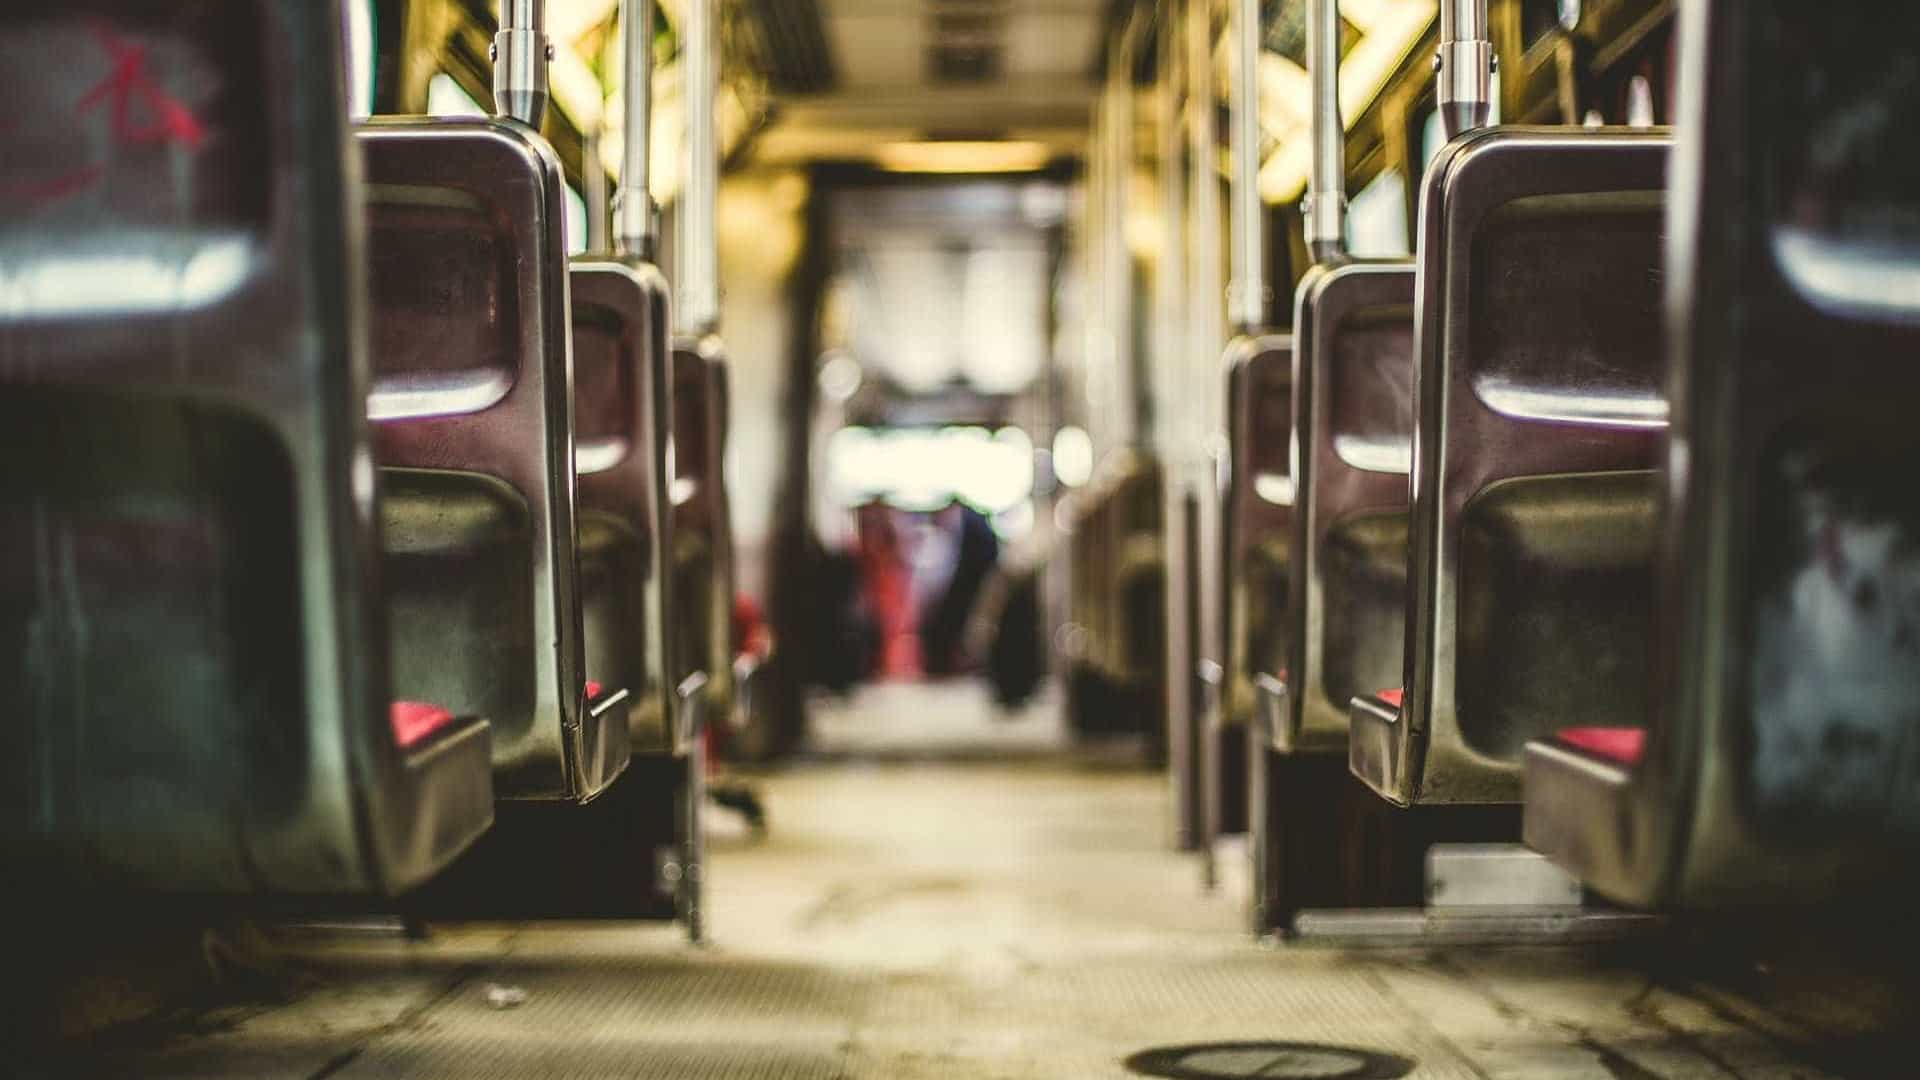 Passageira é morta após falar alto e acordar mulher dentro de ônibus